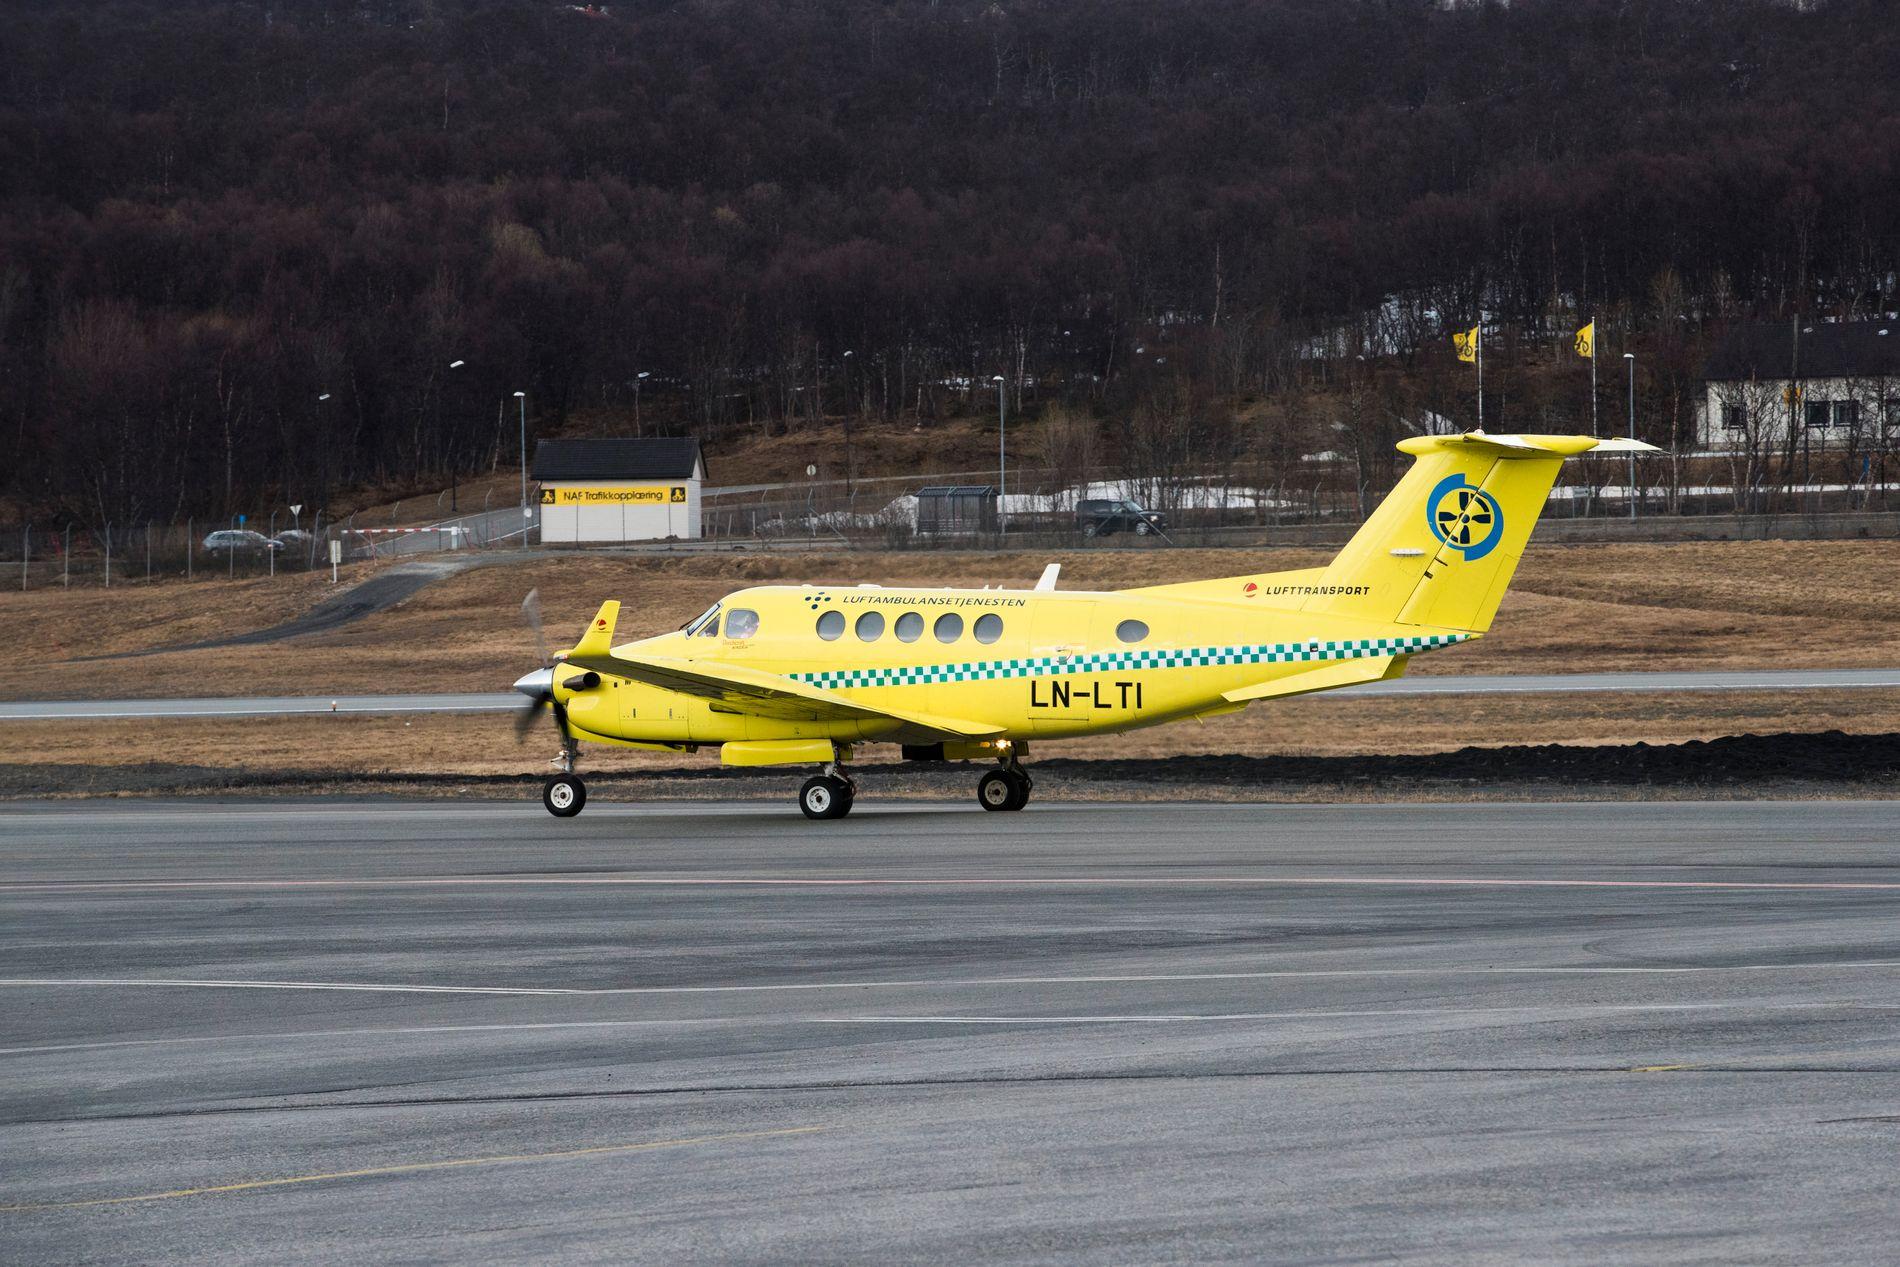 KRISE: Siden slutten av april har det vært krise i ambulanseflyberedskapen etter at flere piloter har sluttet i Lufttransport, som drifter tjenesten frem til 1. juli 2018.